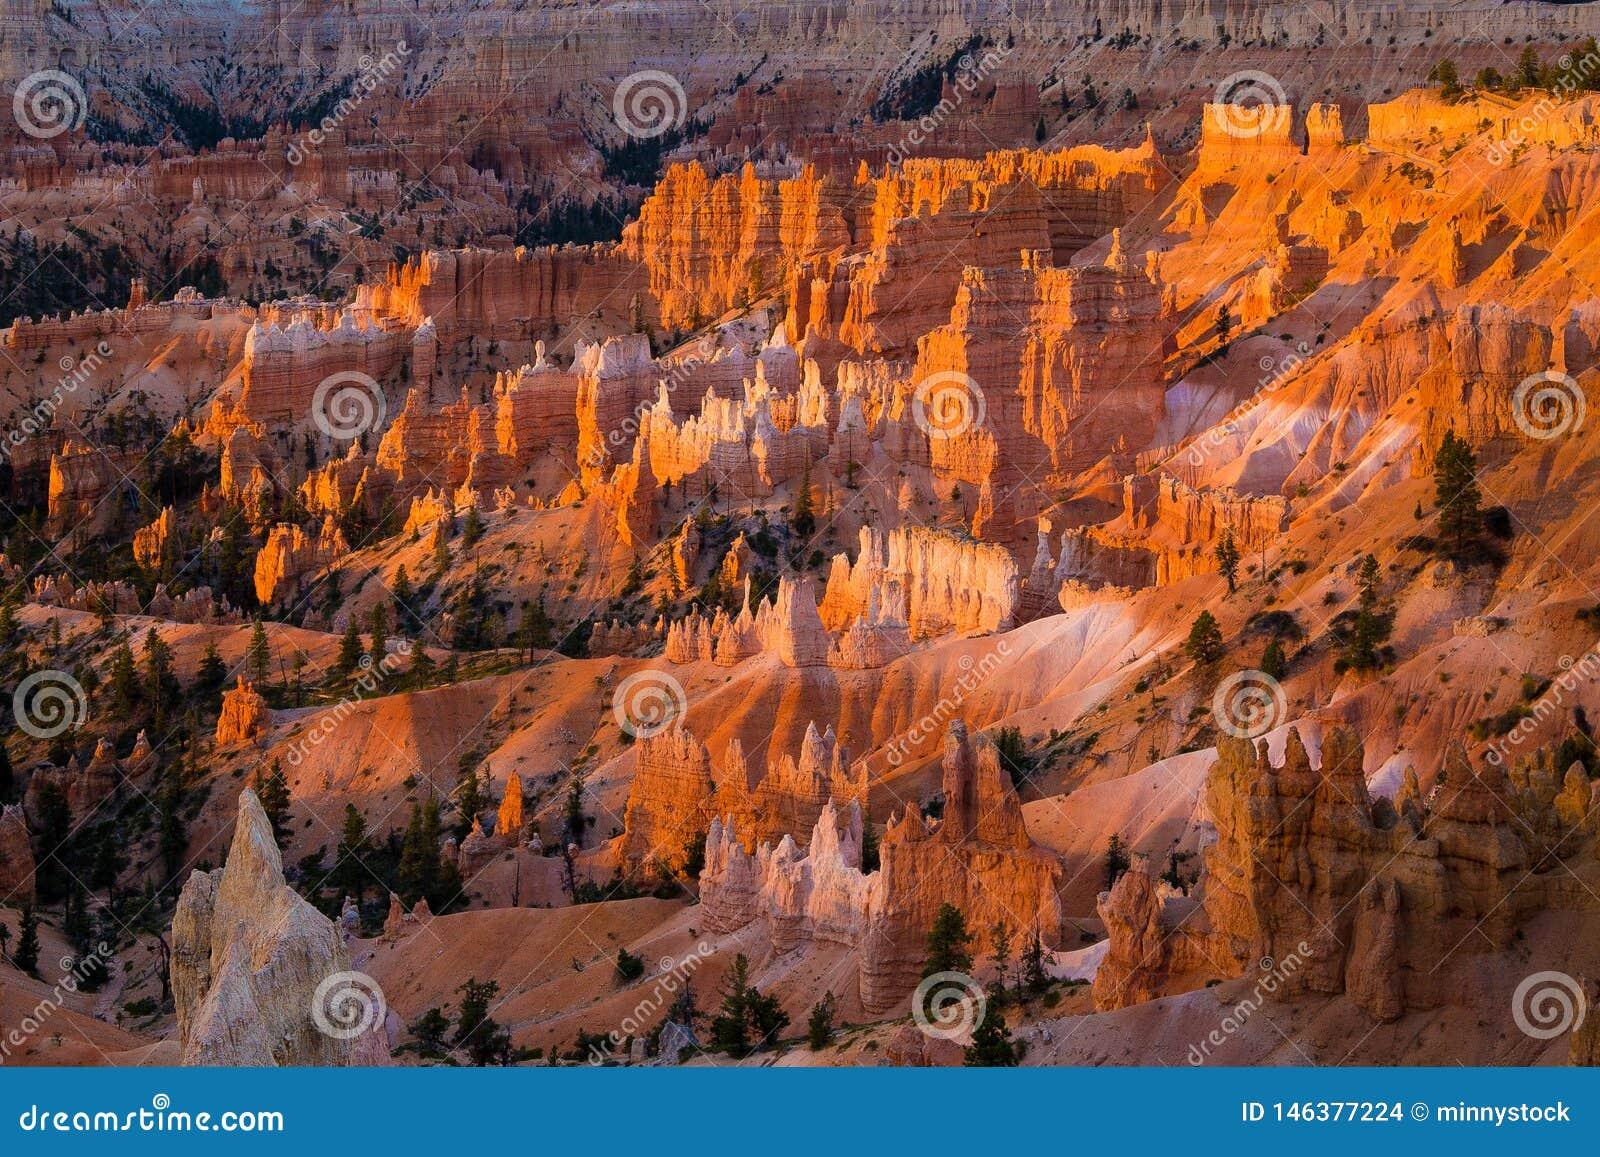 USA, Utah, Bryce Canyon National Park, Thors Hammer and